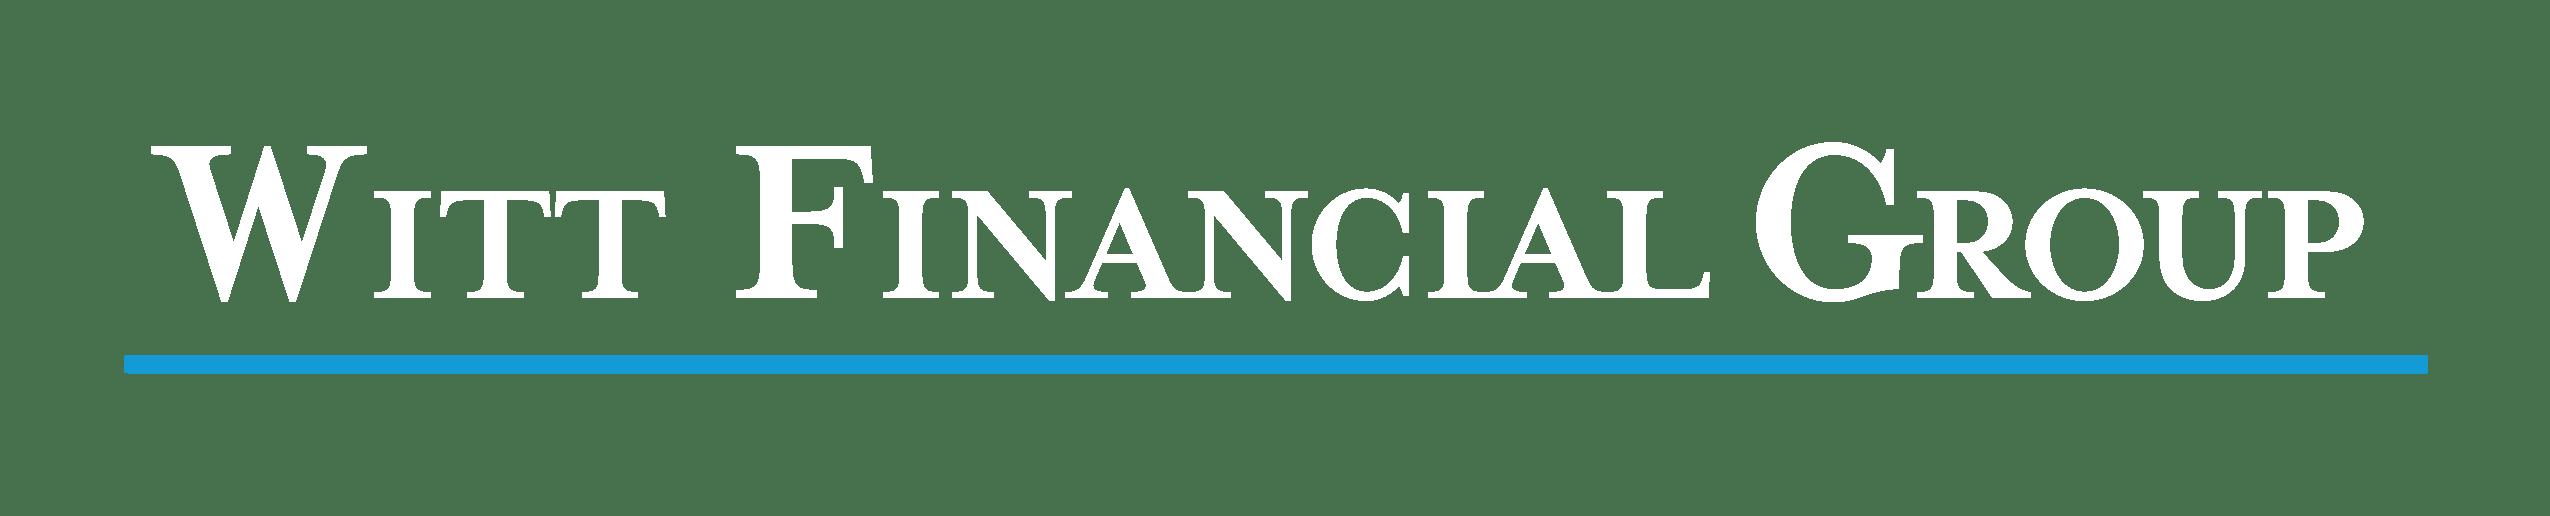 Witt_Financial_Group_Logo_white